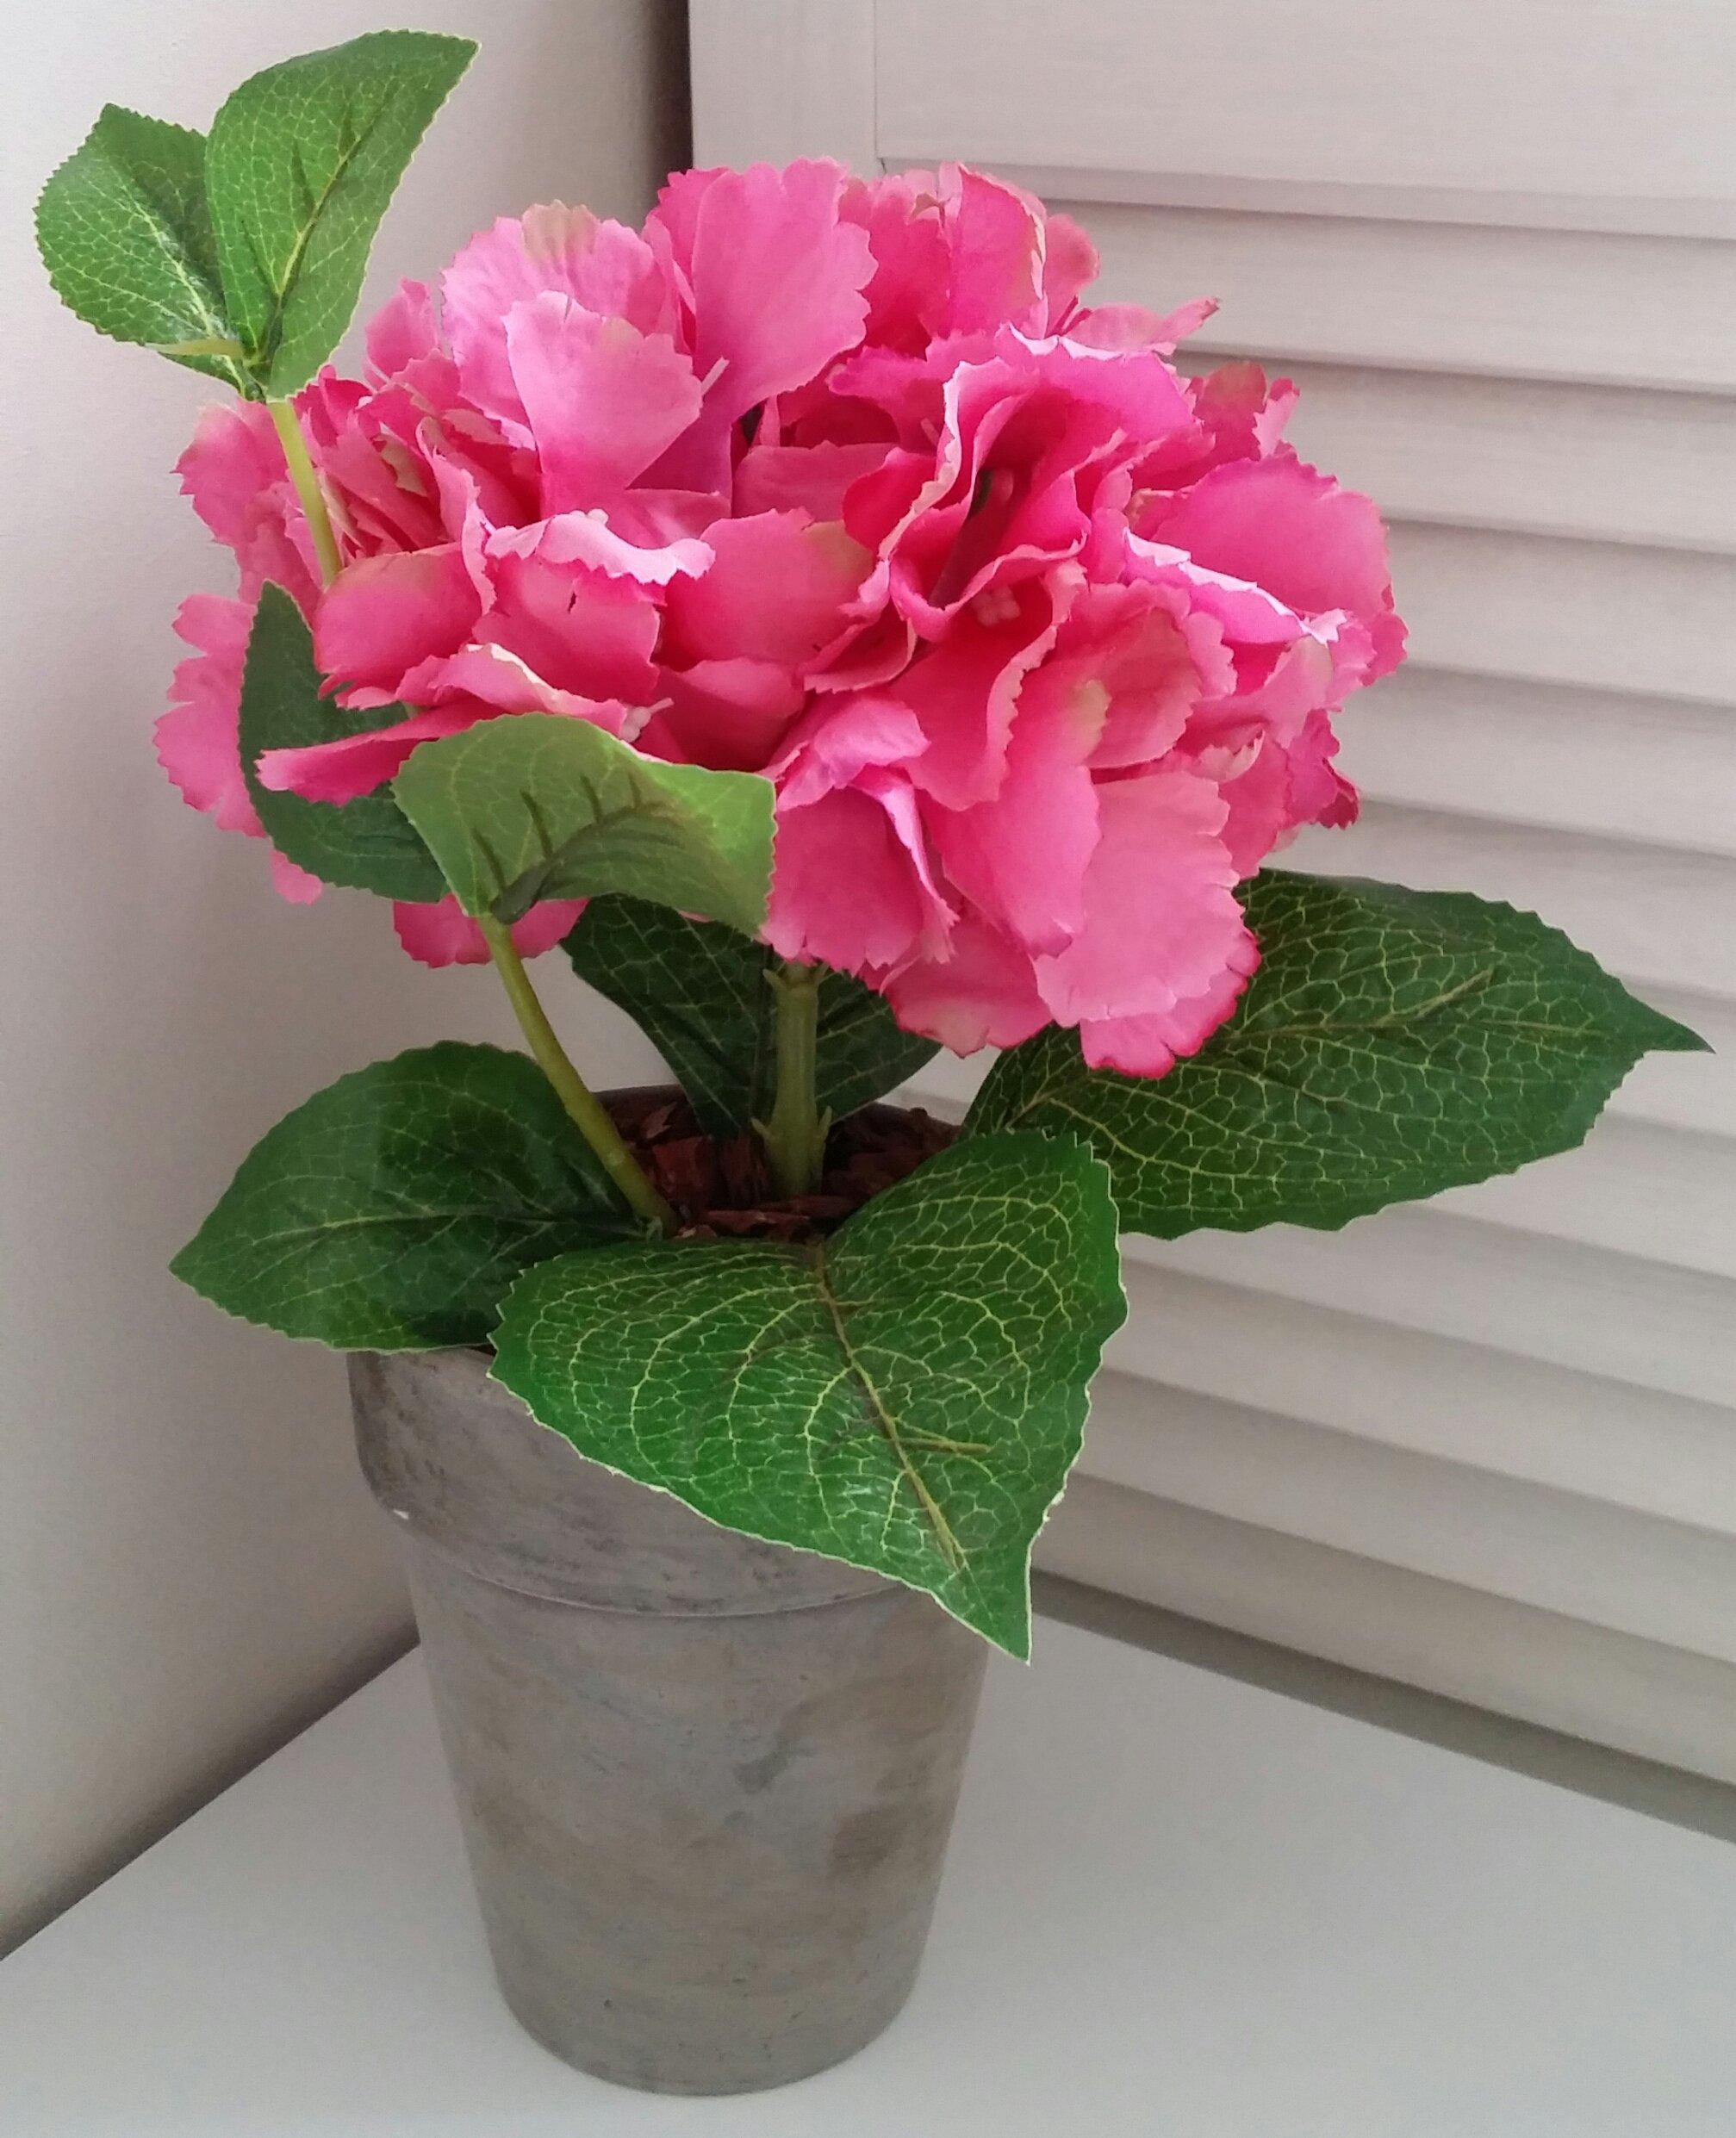 Hortensja Hortensje W Doniczce Sztuczne Kwiaty 7186786116